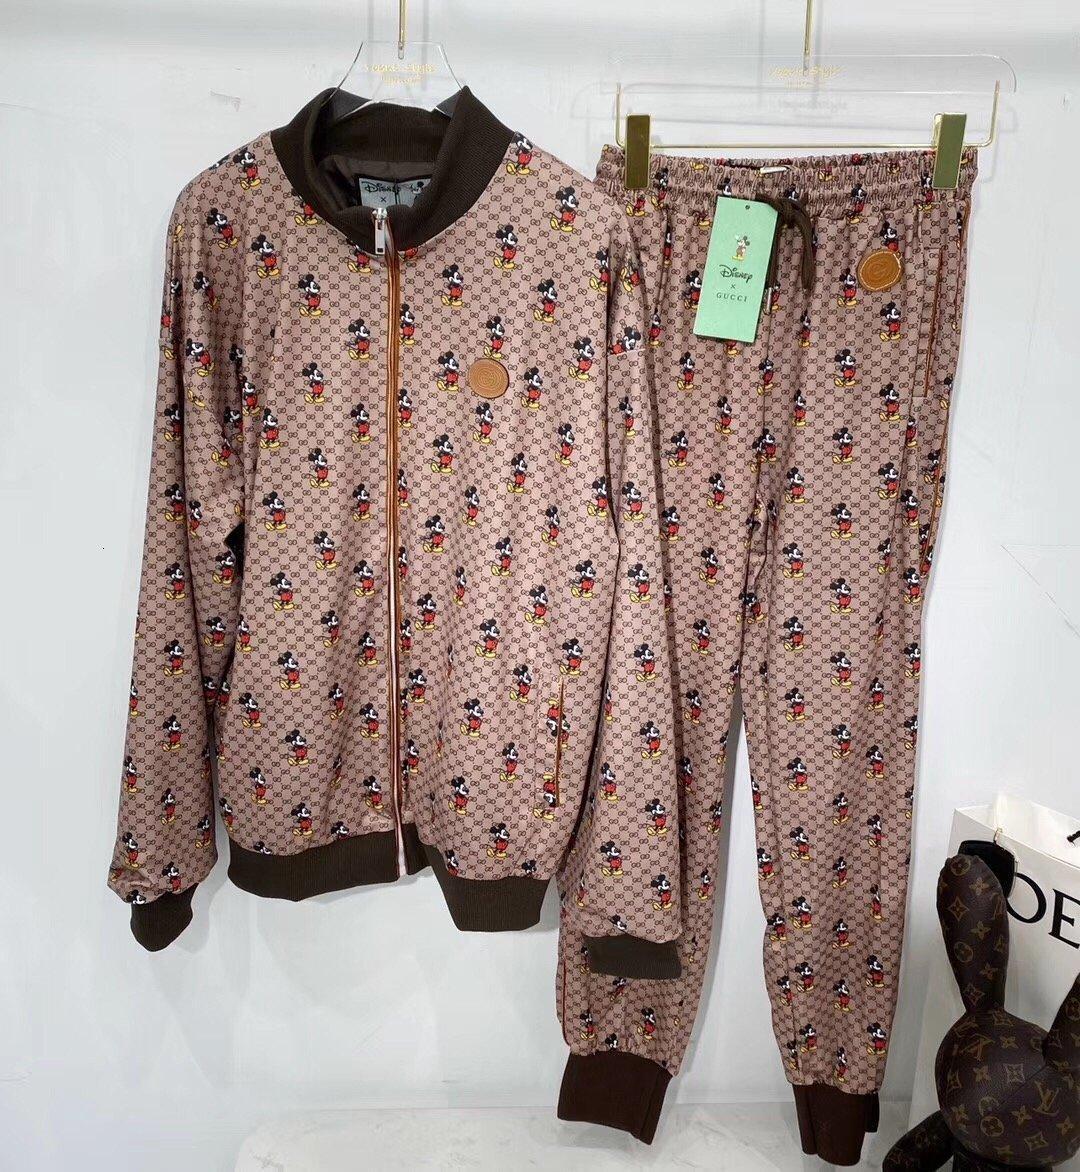 2020 yüksek kalite bayanlar pantolon setleri tops + pantolon 2 adet bahar ve yaz rahat setleri moda giyim TEPB